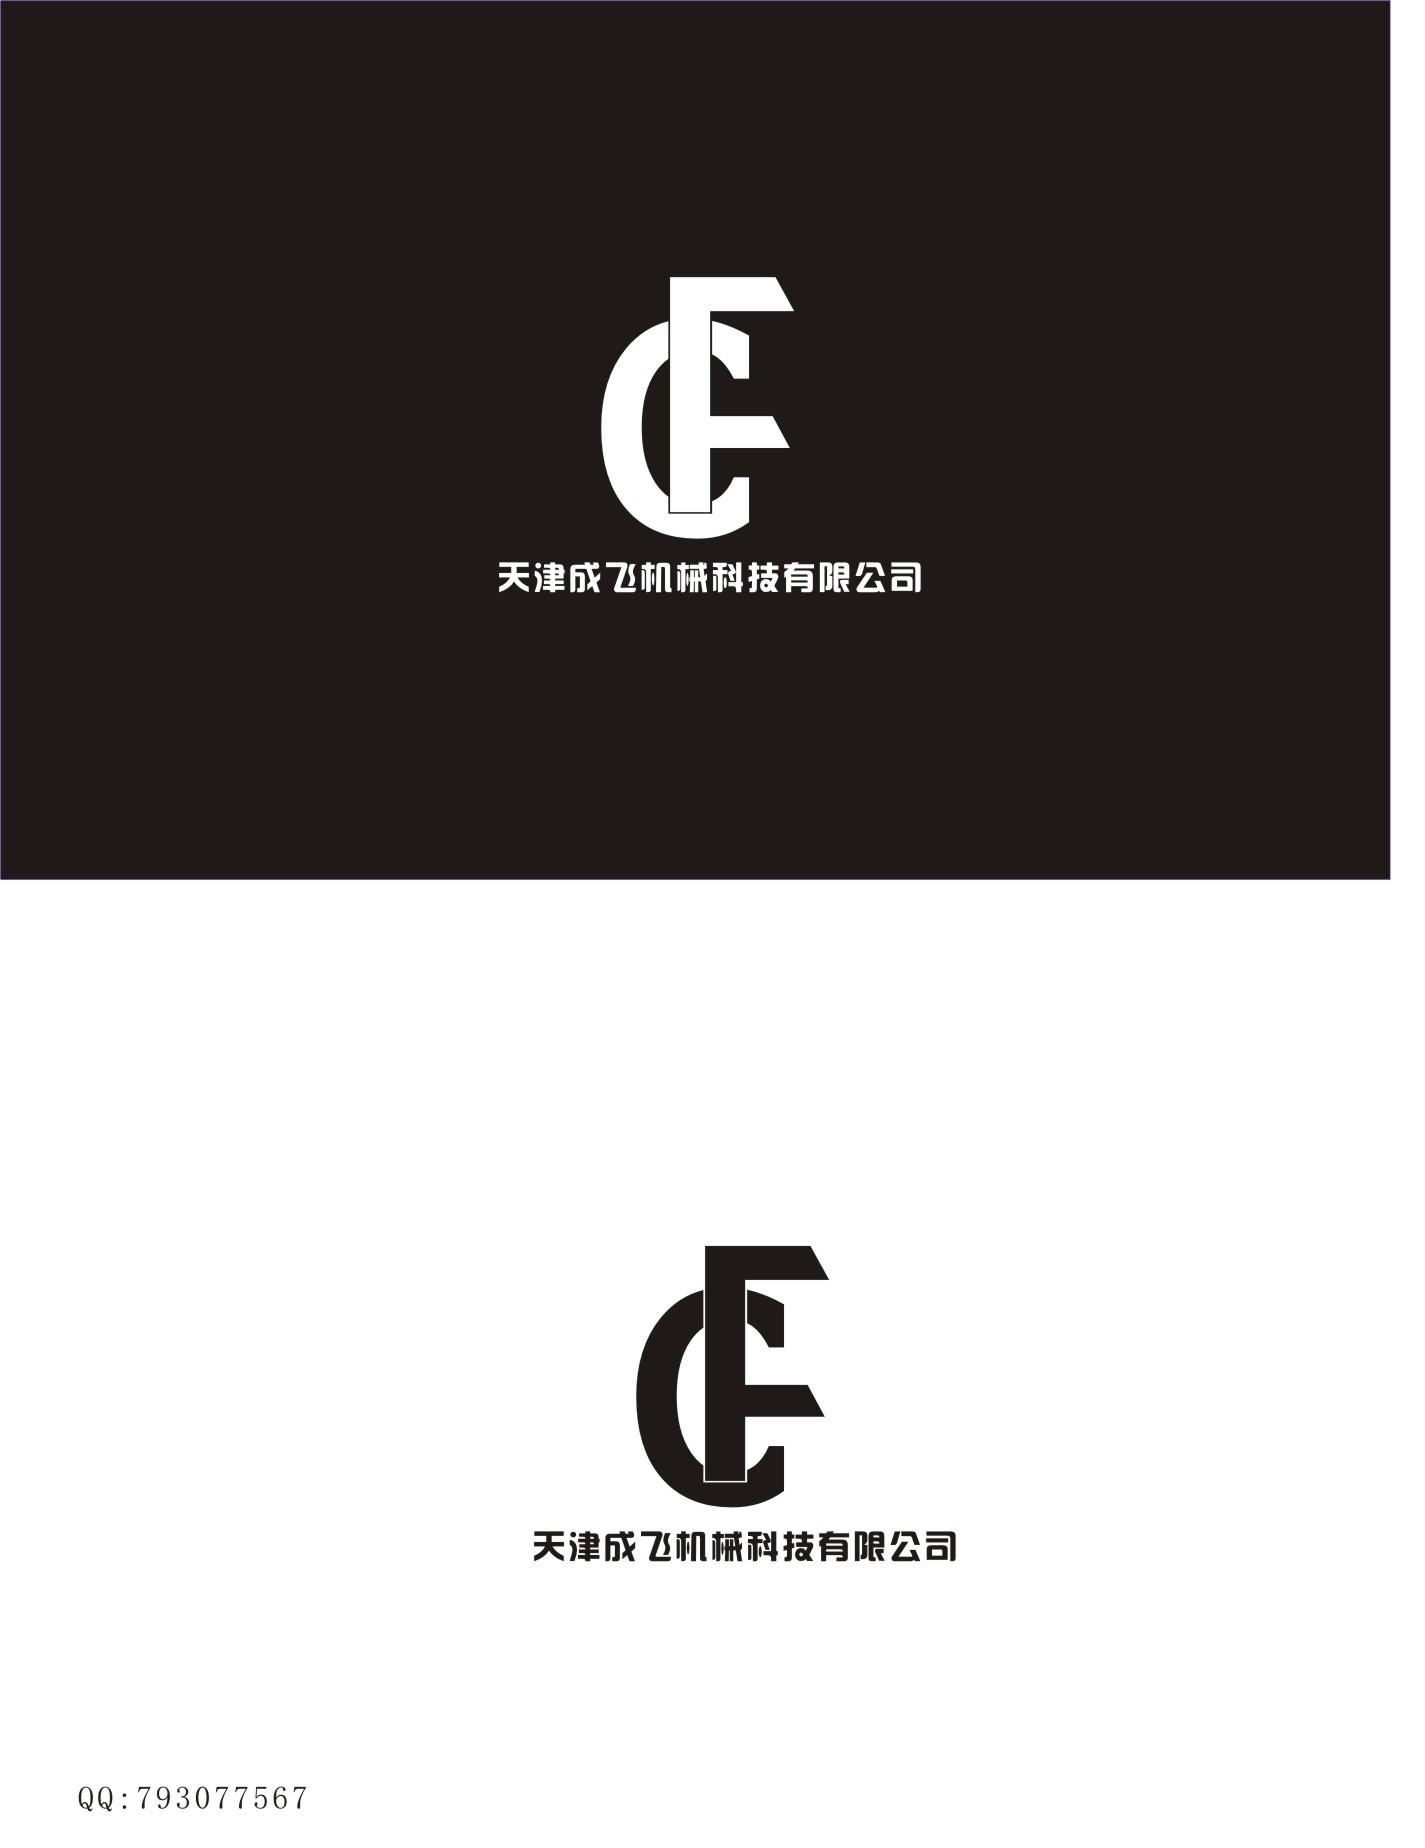 成飞cf标志设计- 稿件[#2838904]